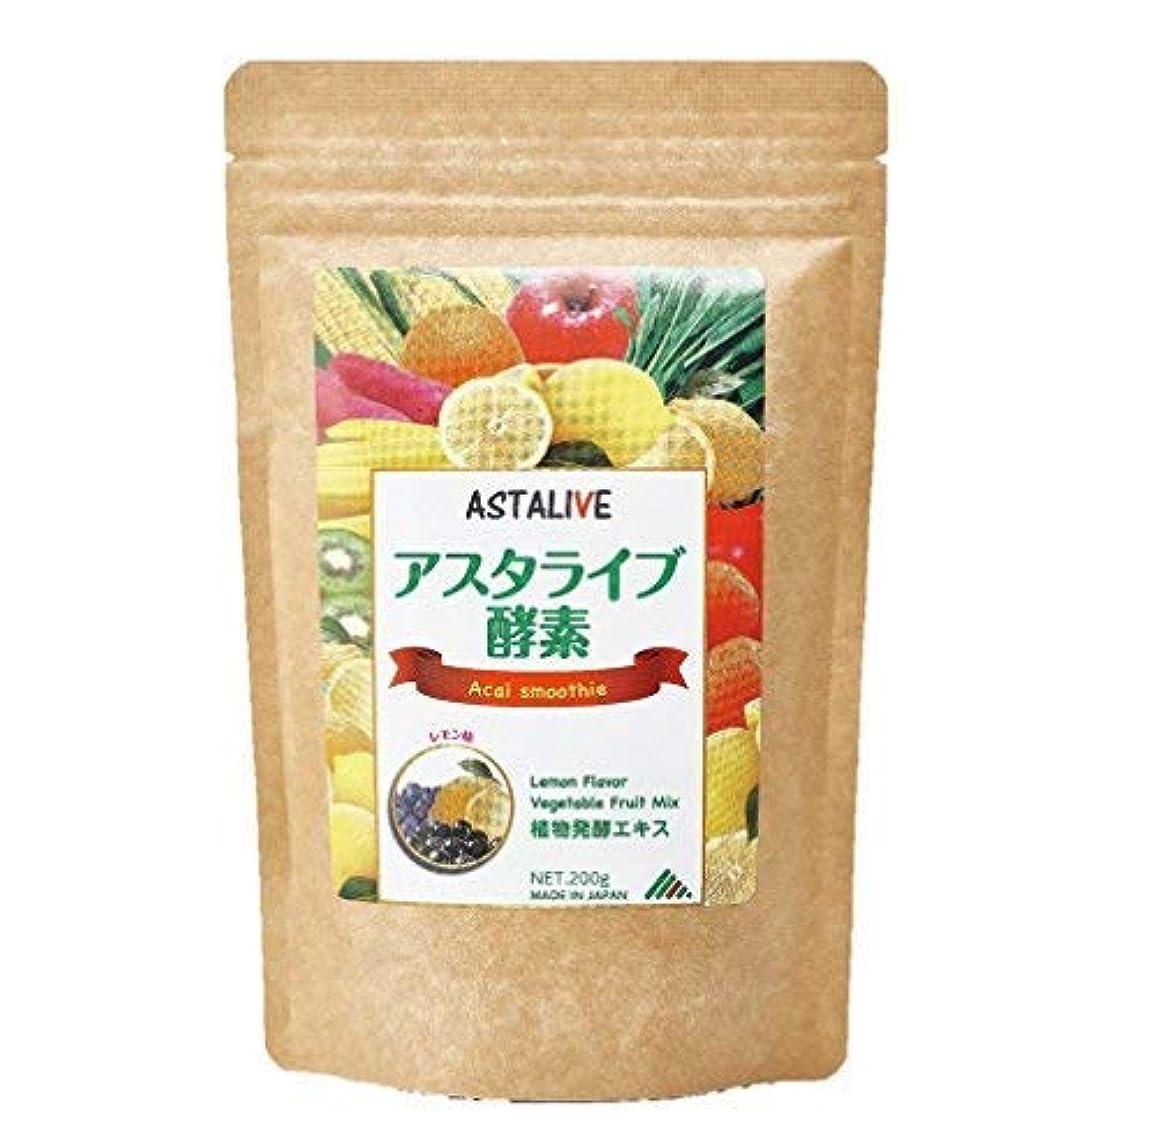 外観寝室雑多なASTALIVE (アスタライブ) 酵素 スムージー チアシード 乳酸菌 麹菌 入り レモン味 200g (1)